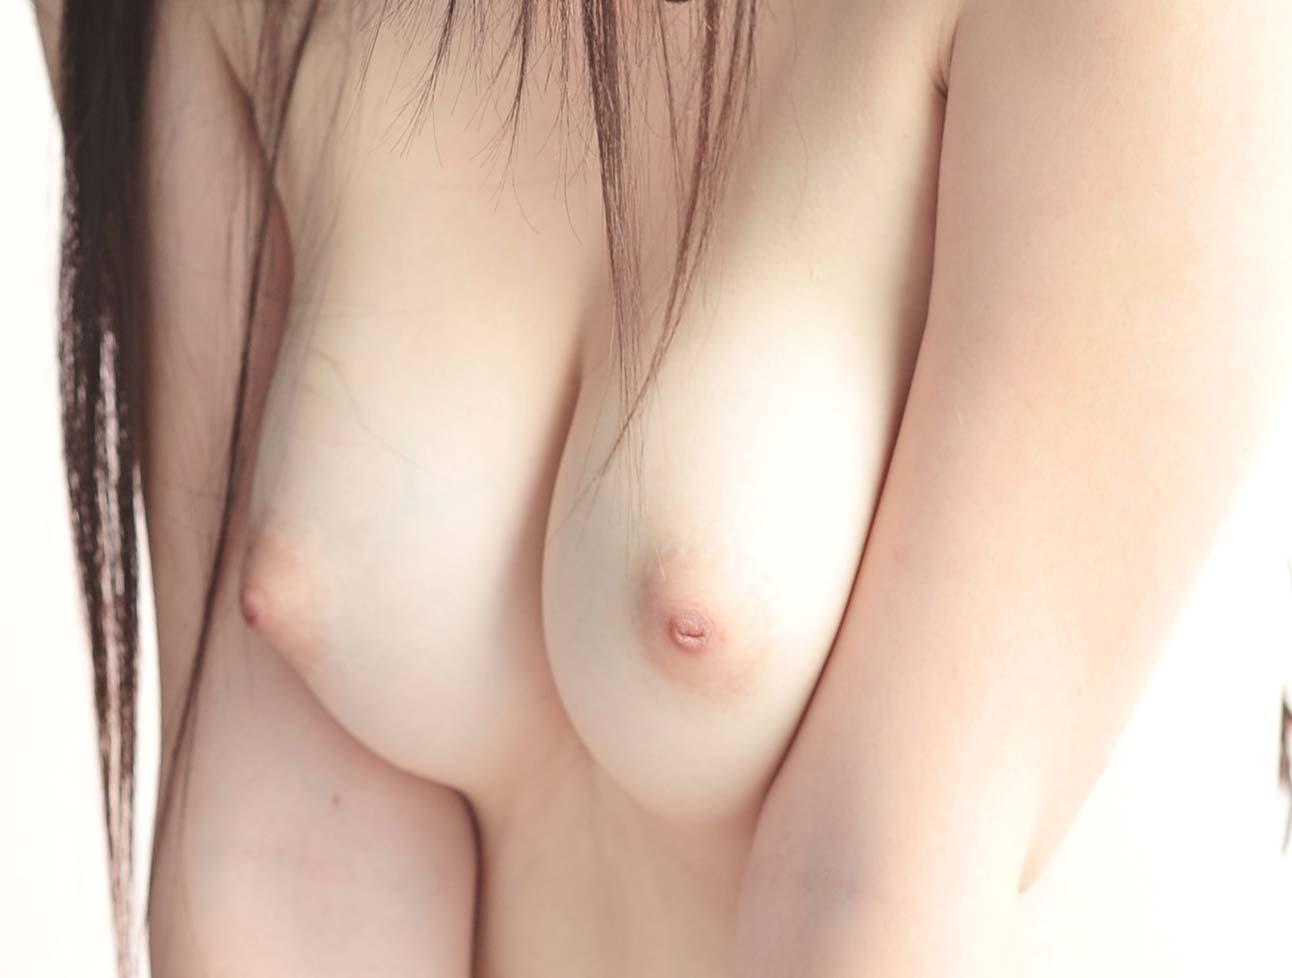 綺麗な色をした乳頭を見るとペロペロしたくなる (7)